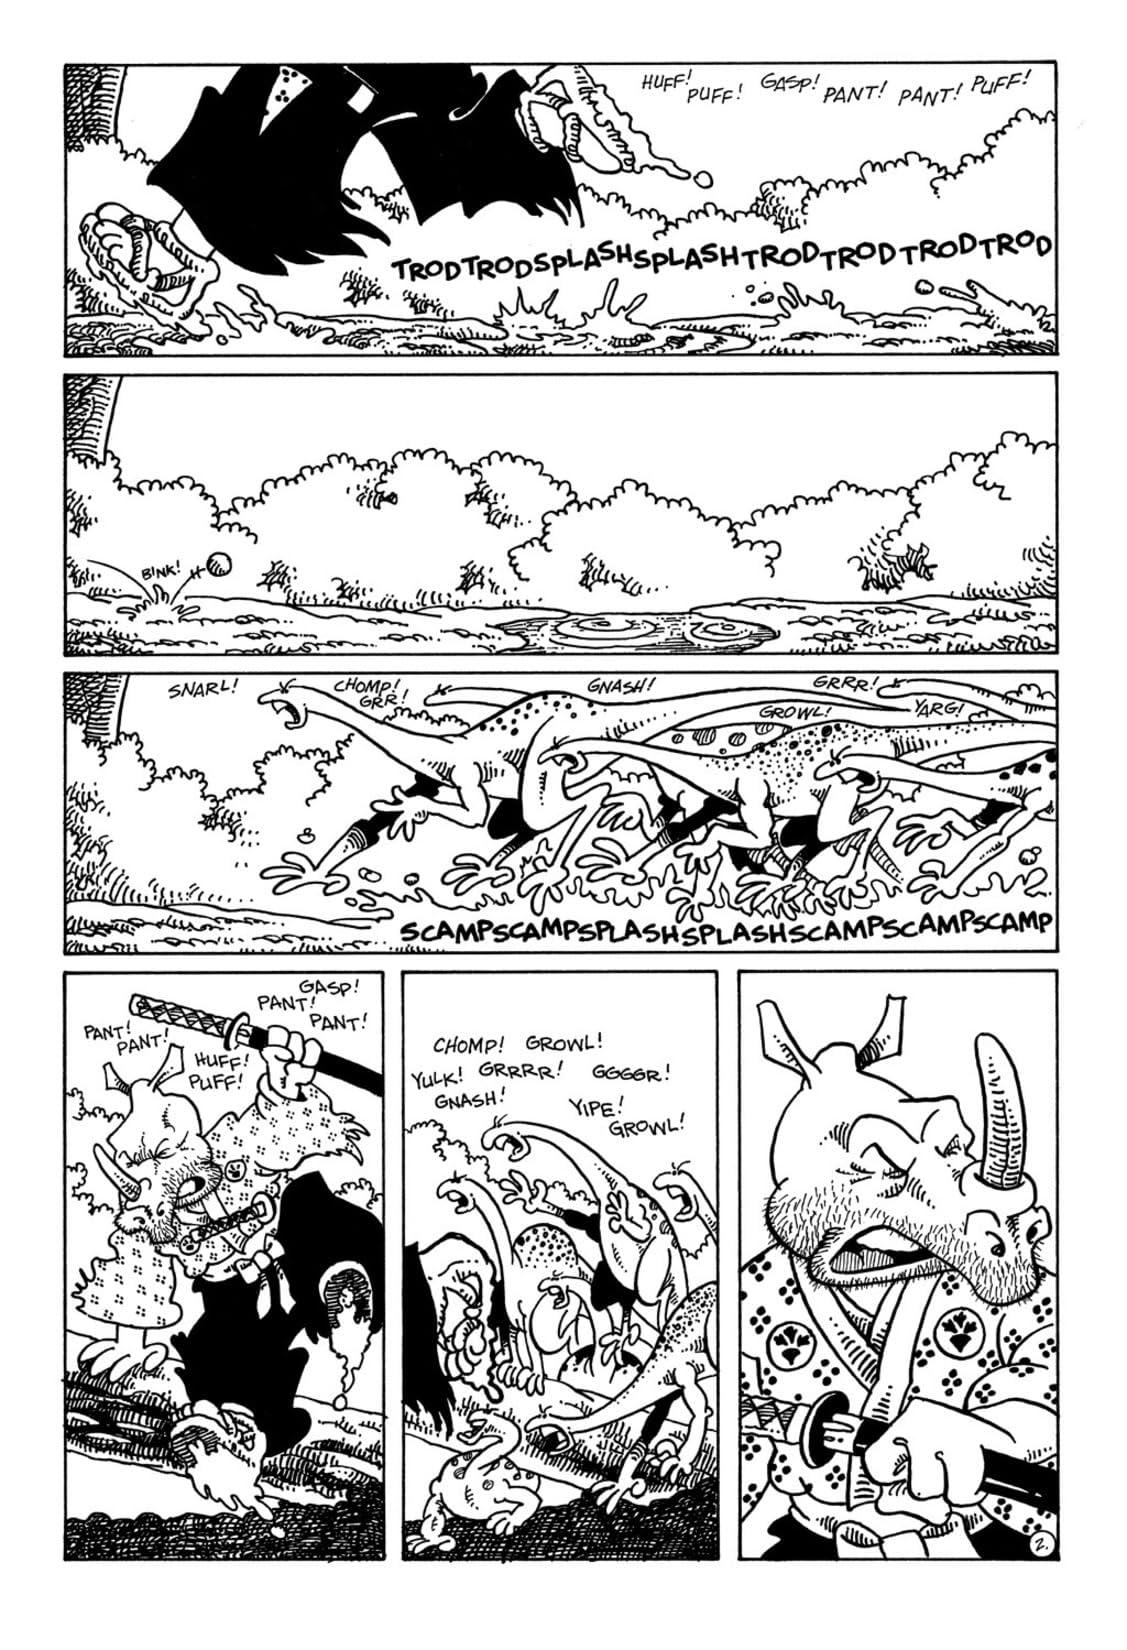 Usagi Yojimbo Vol. 1 #34